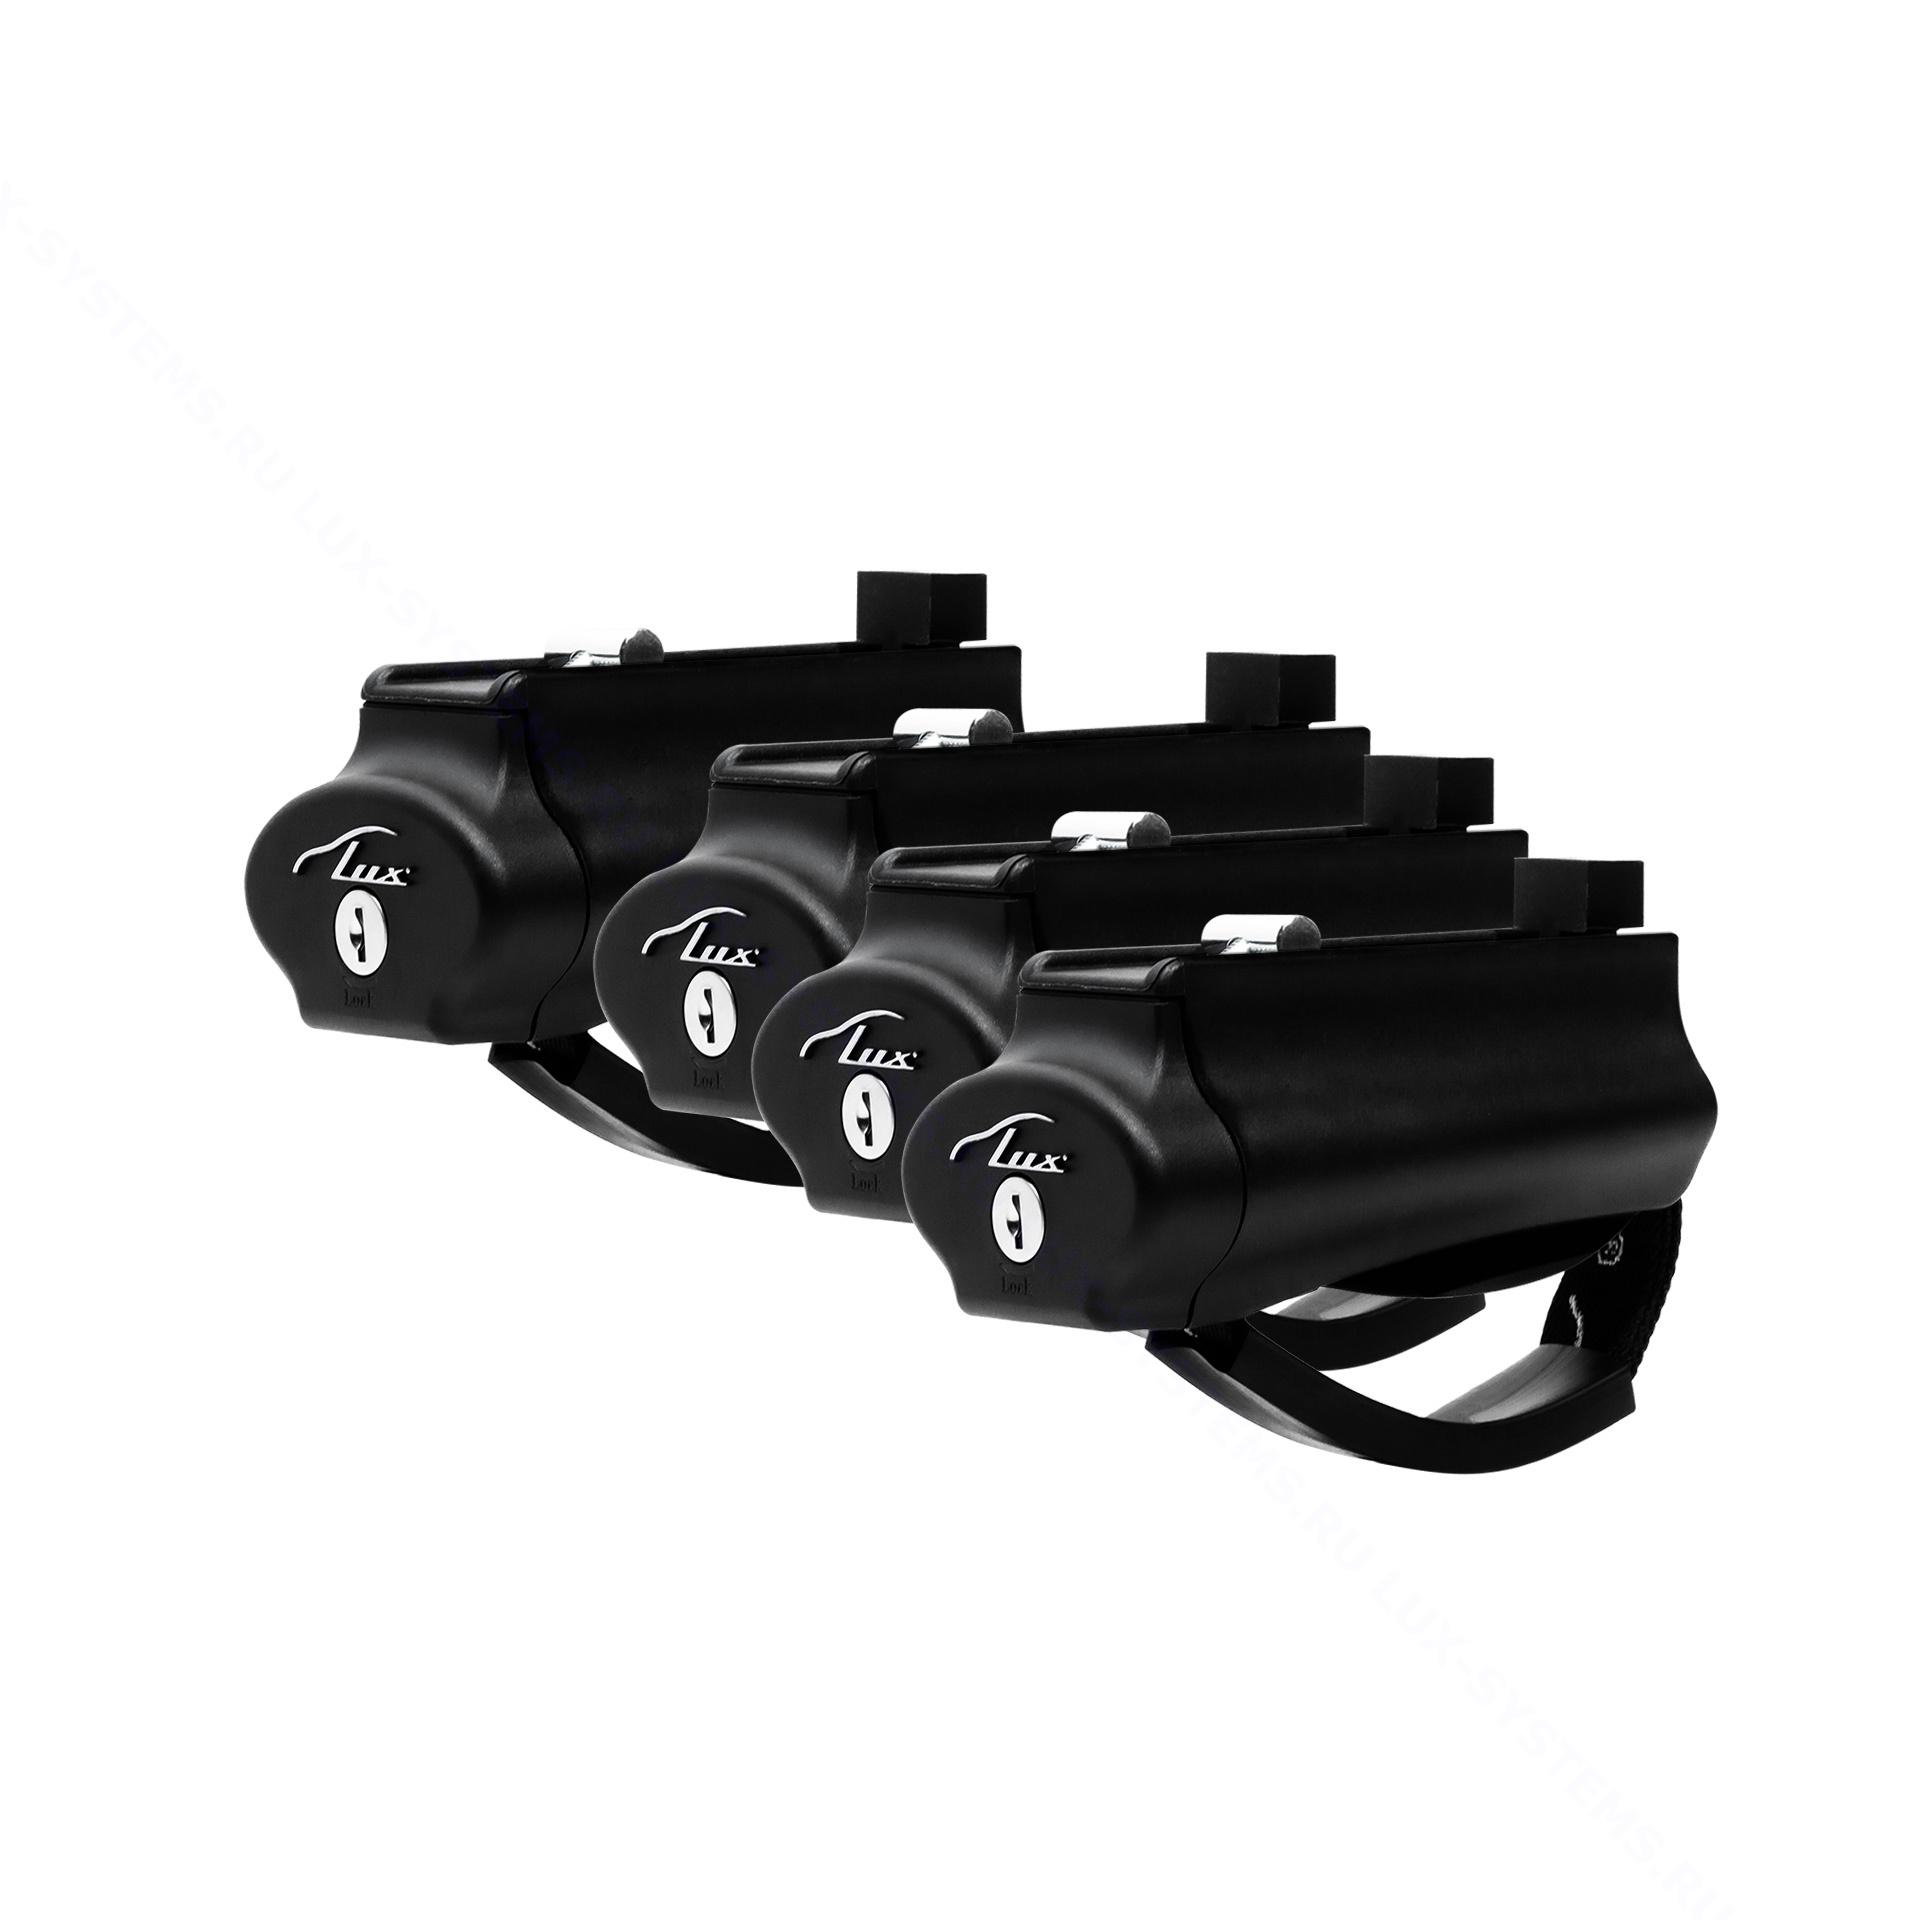 Комплект опор LUX Бэлт на рейлинги - 4шт с замками